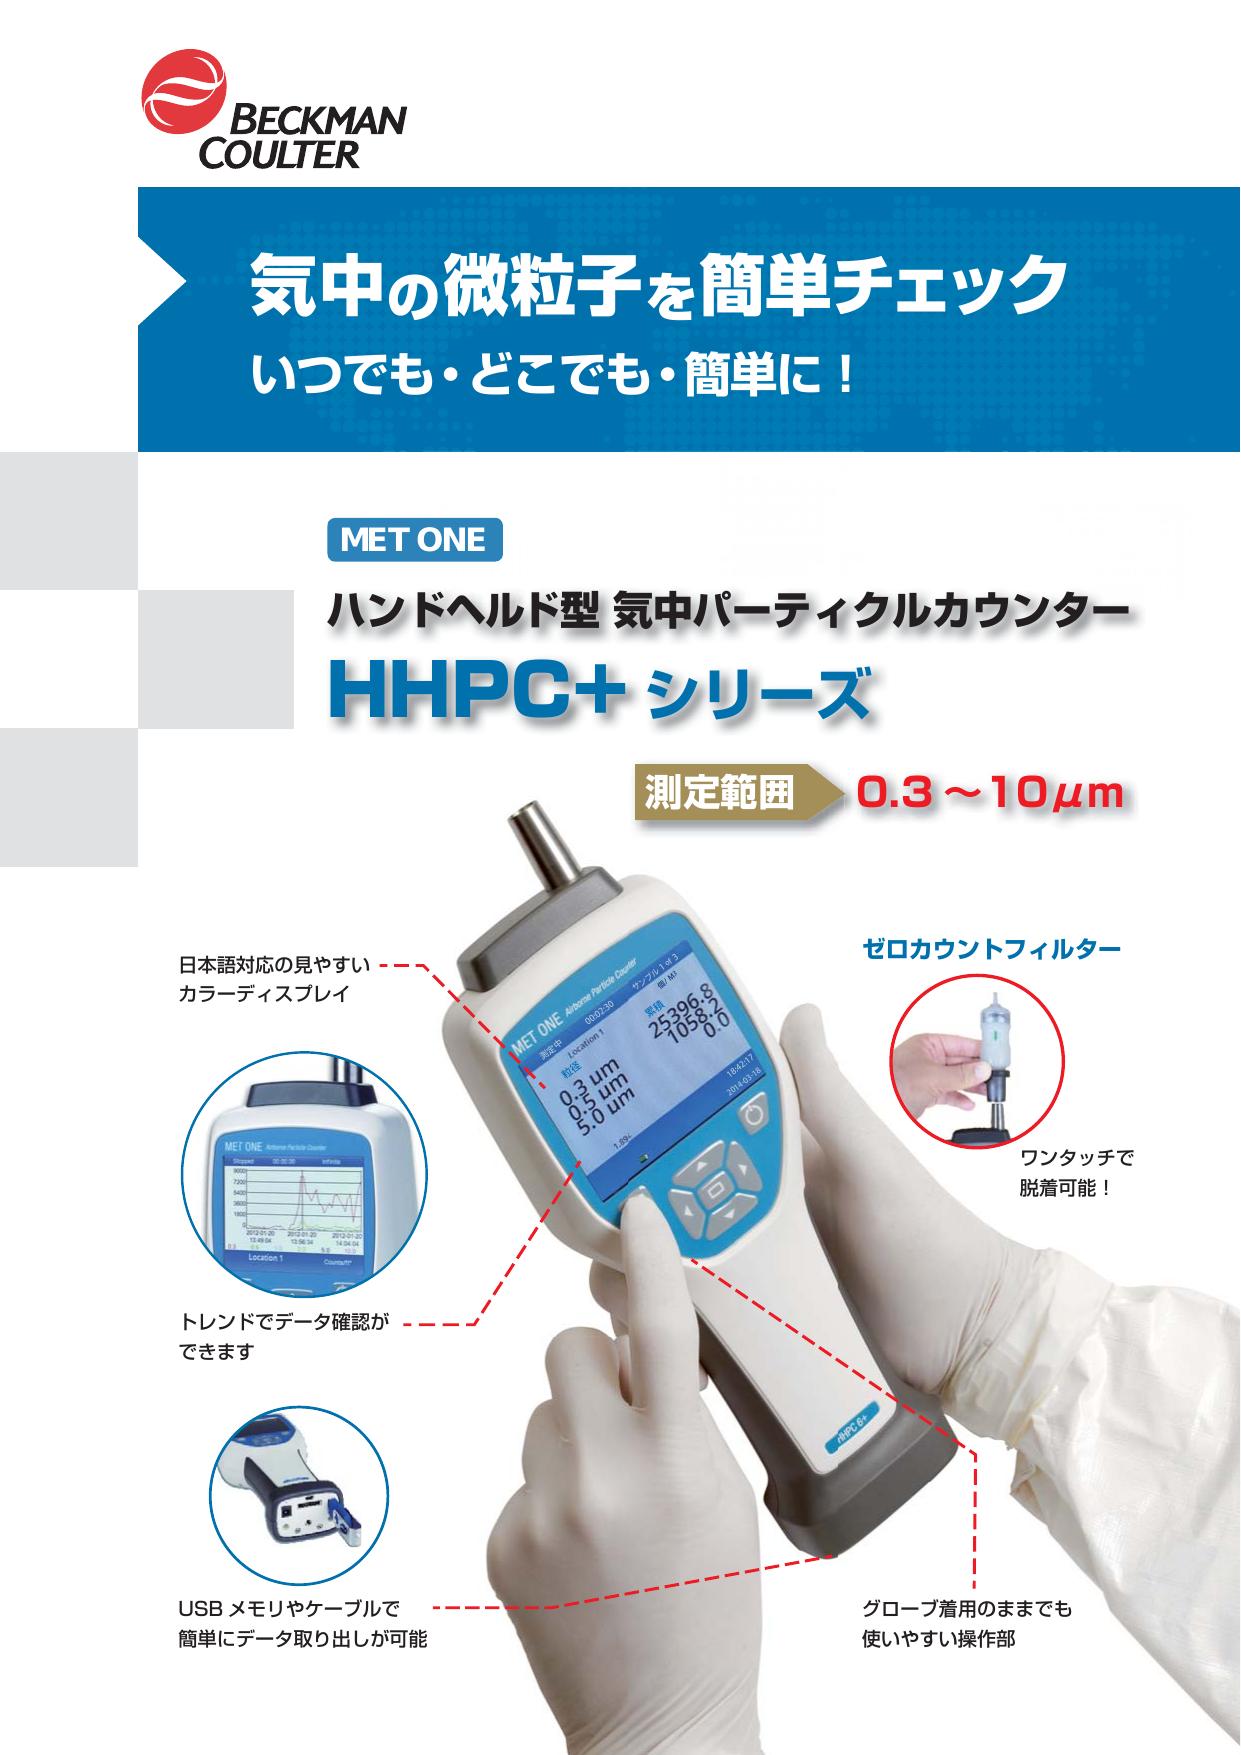 ハンドヘルド型気中パーティクルカウンター HHPC+シリーズ